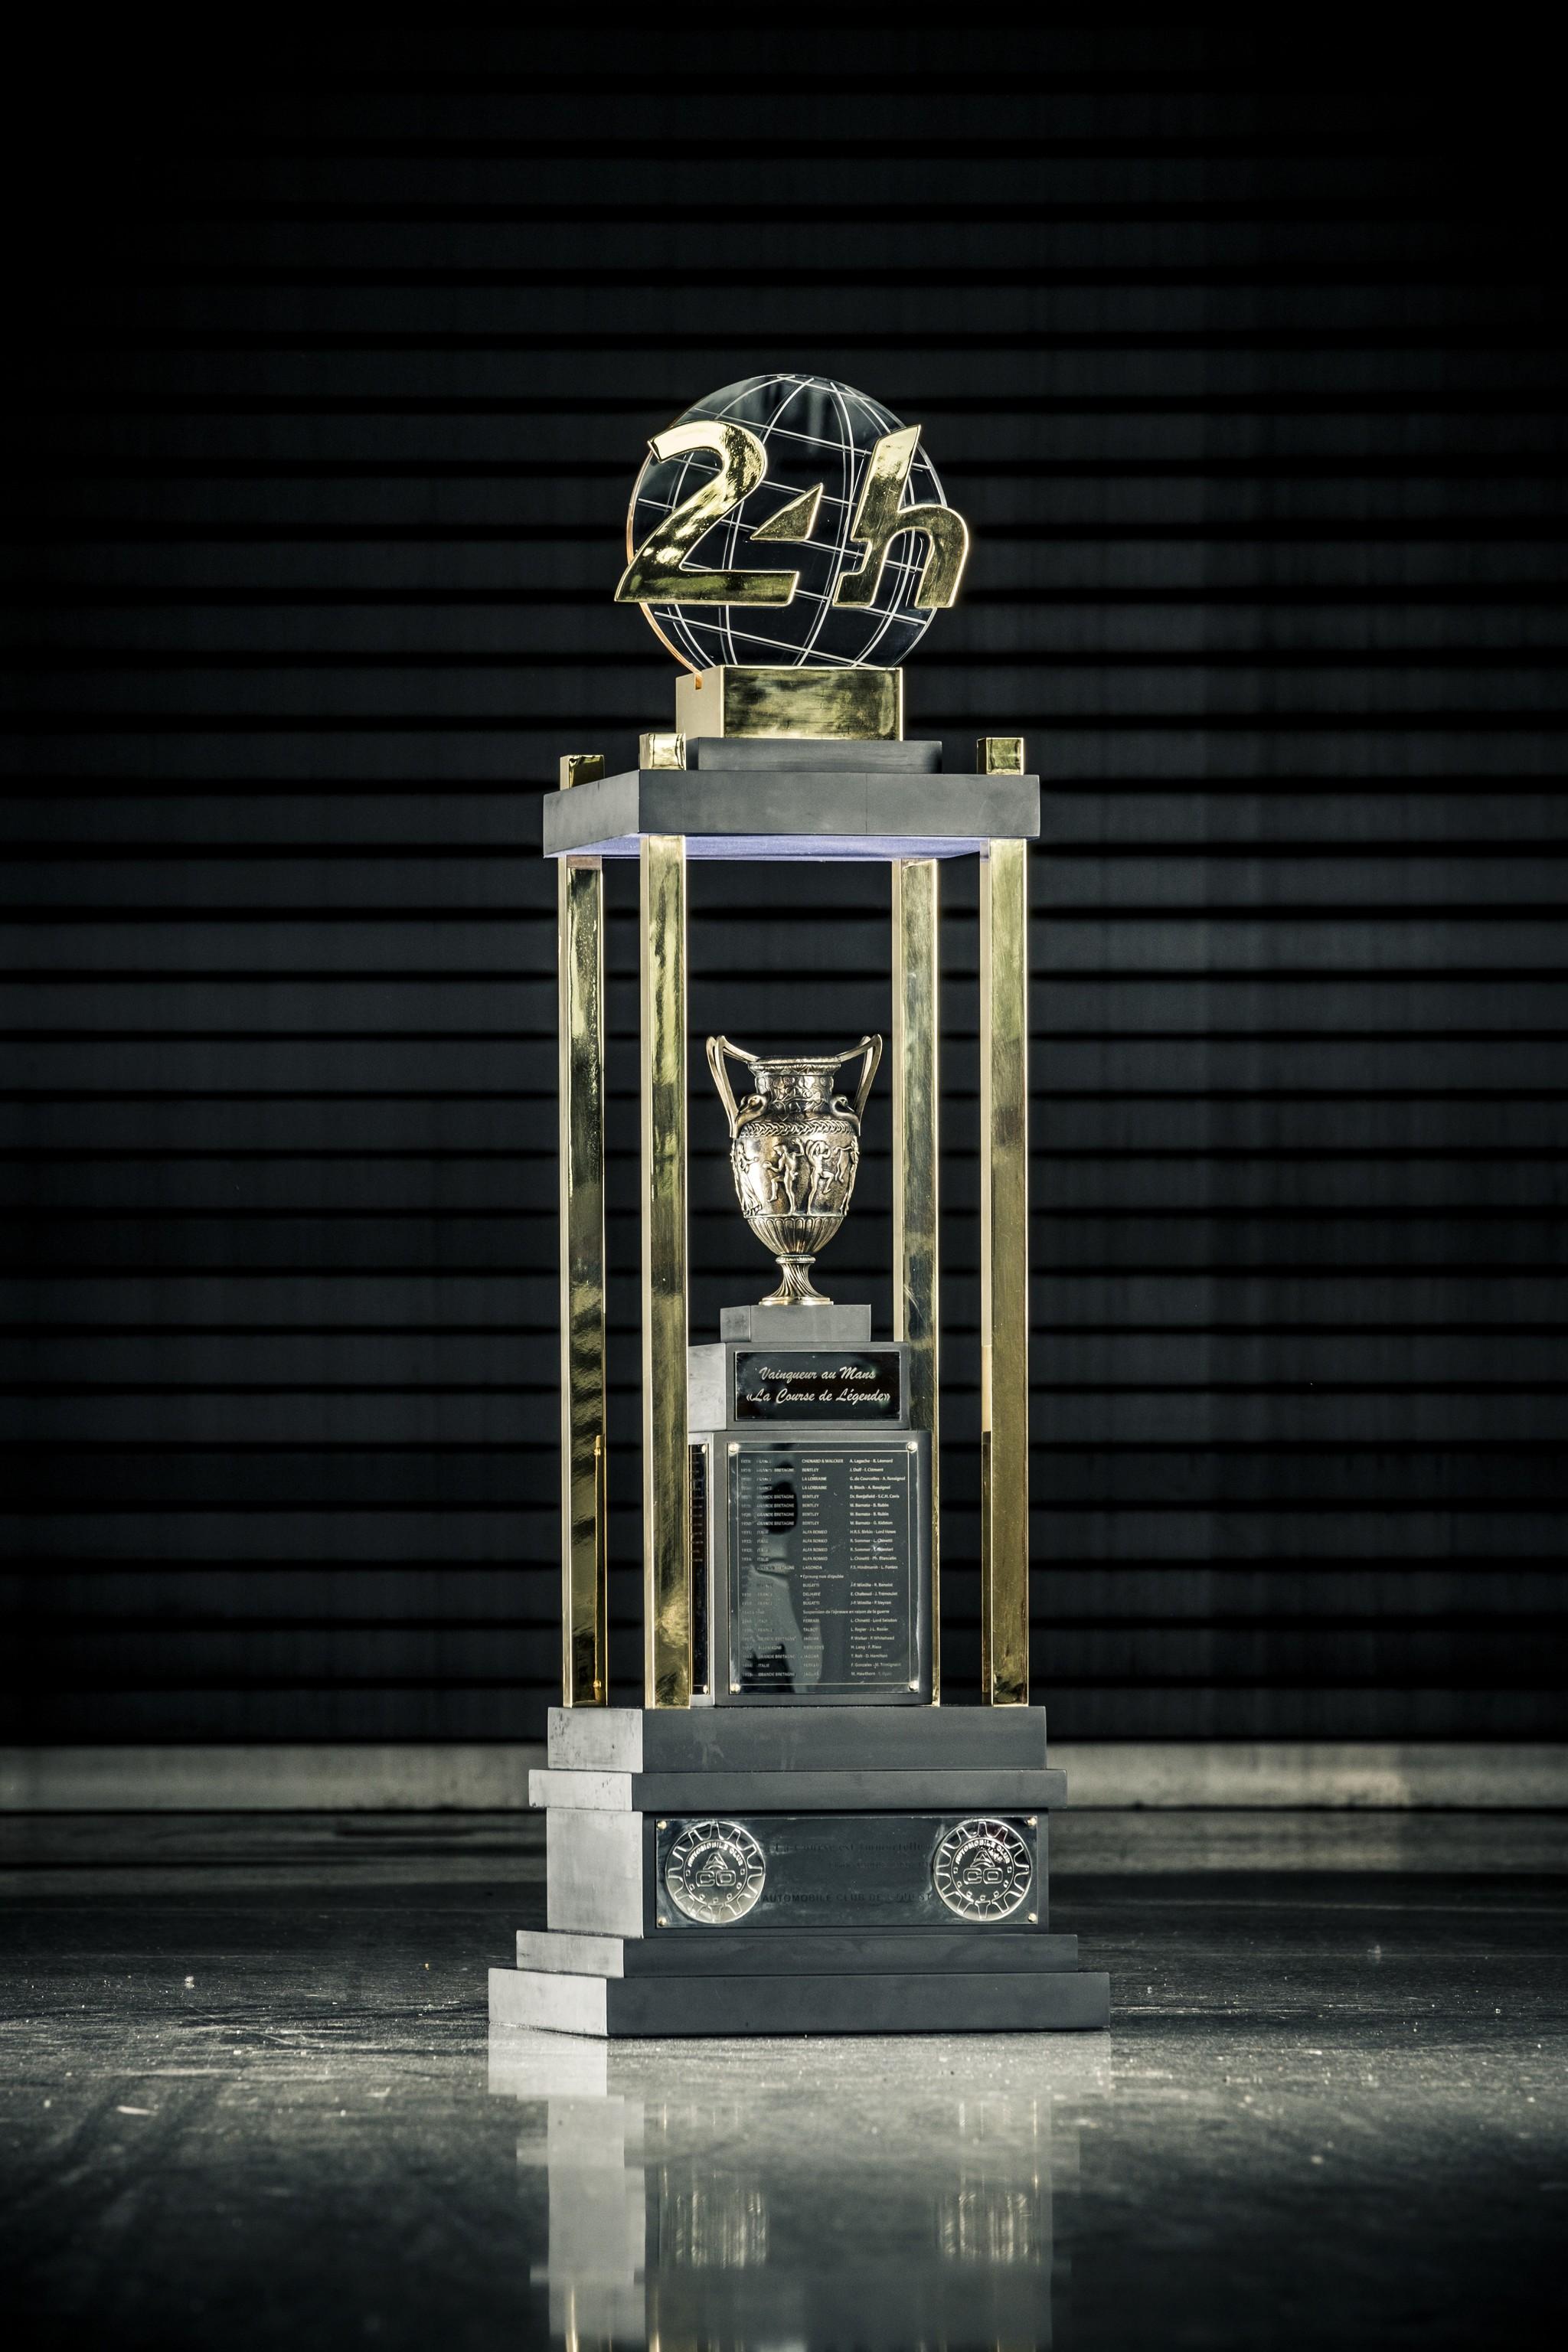 El trofeo será para Toyota en propiedad si logra el hat-trick.